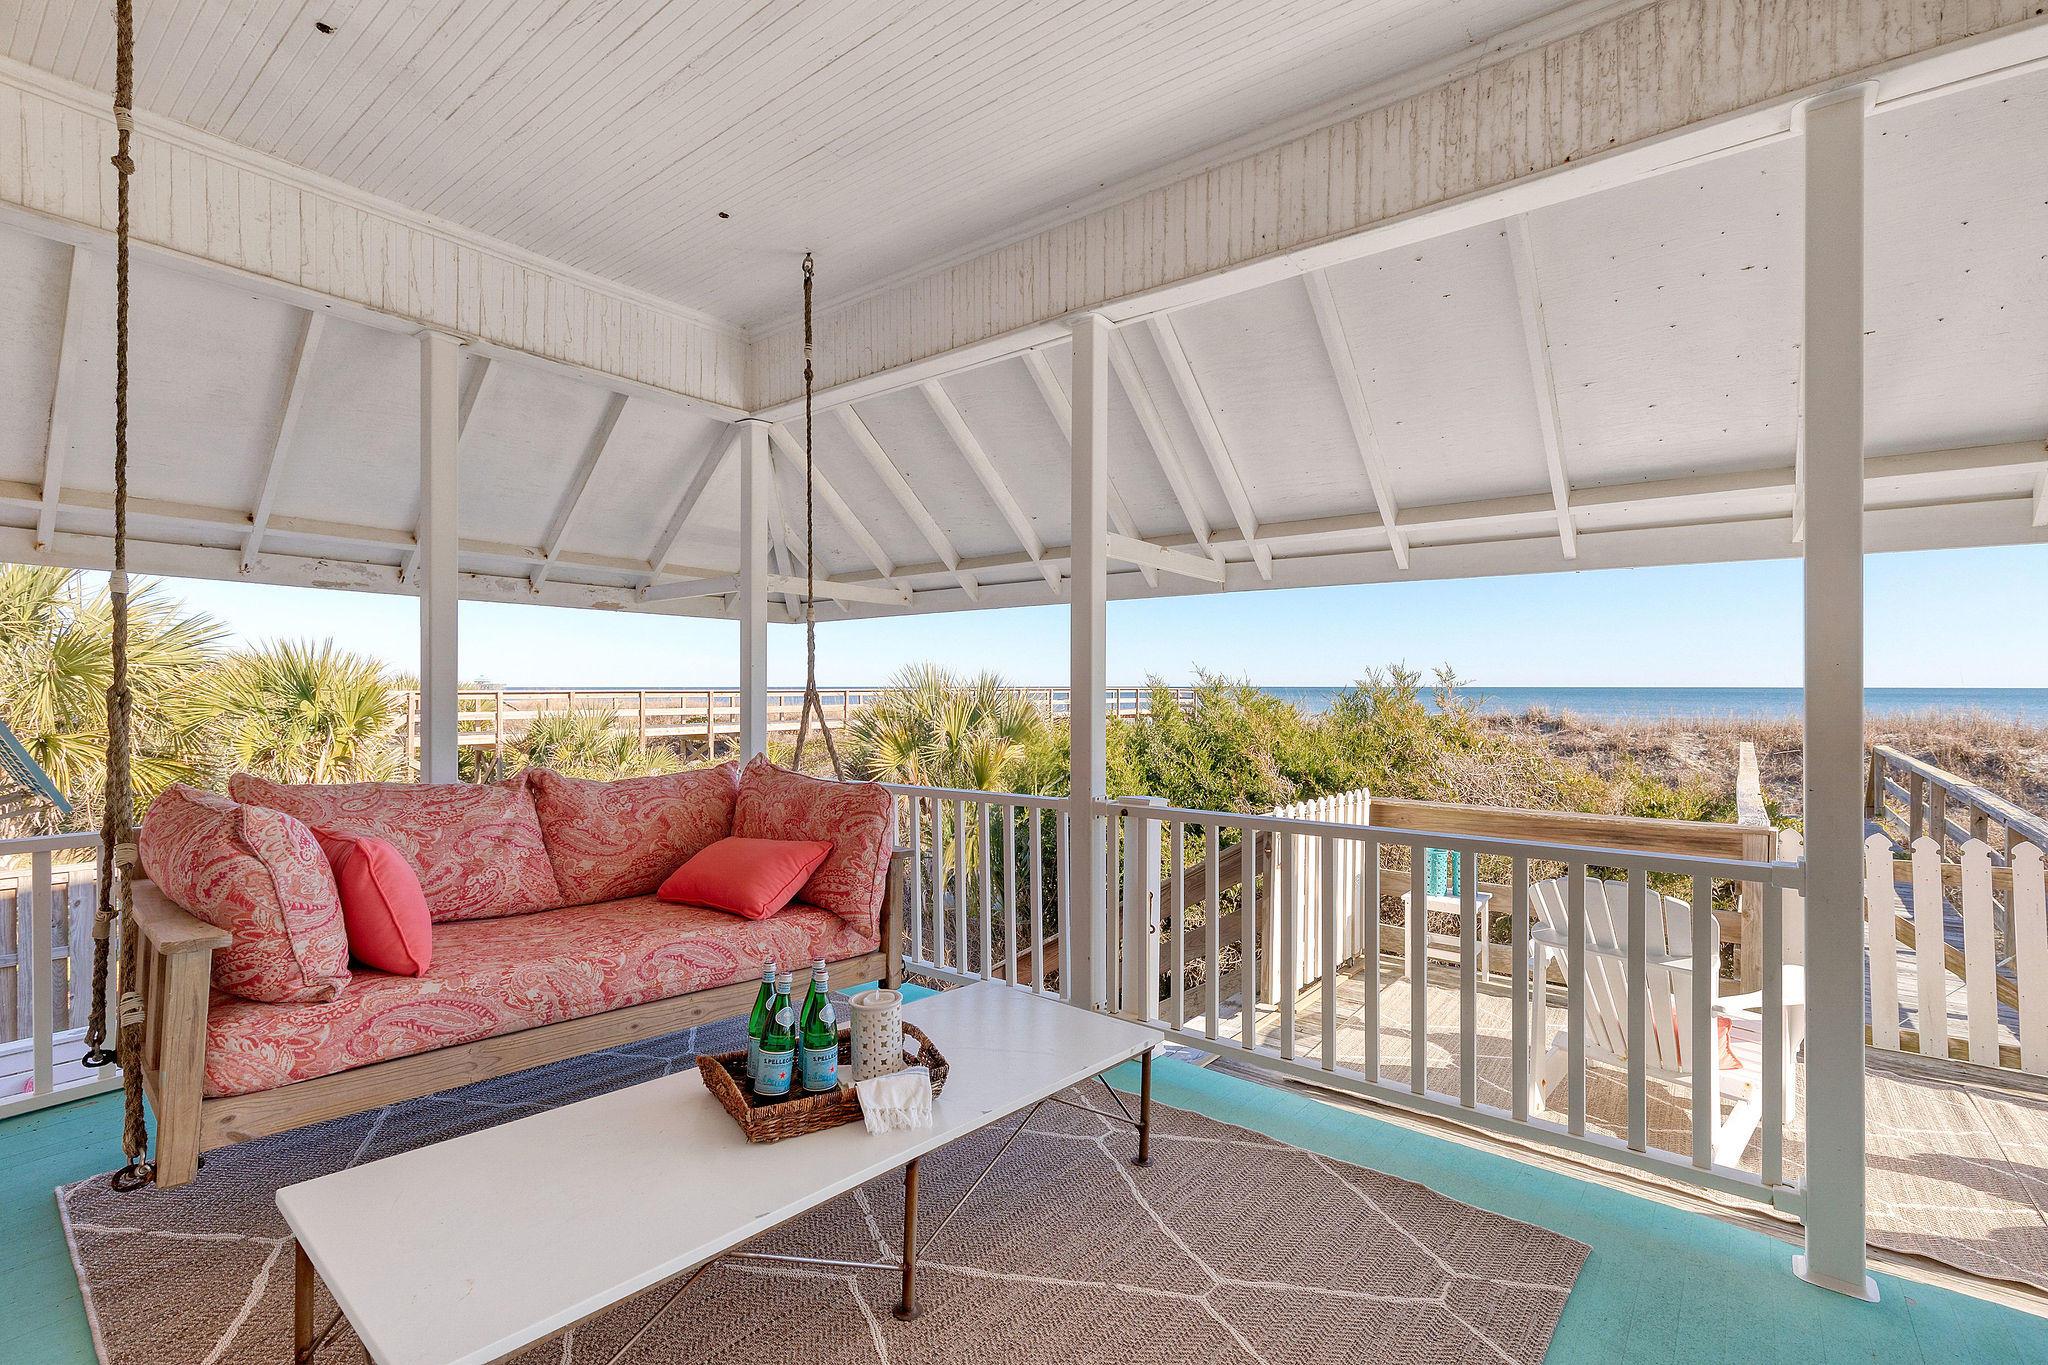 Folly Beach Homes For Sale - 509 Ashley, Folly Beach, SC - 60